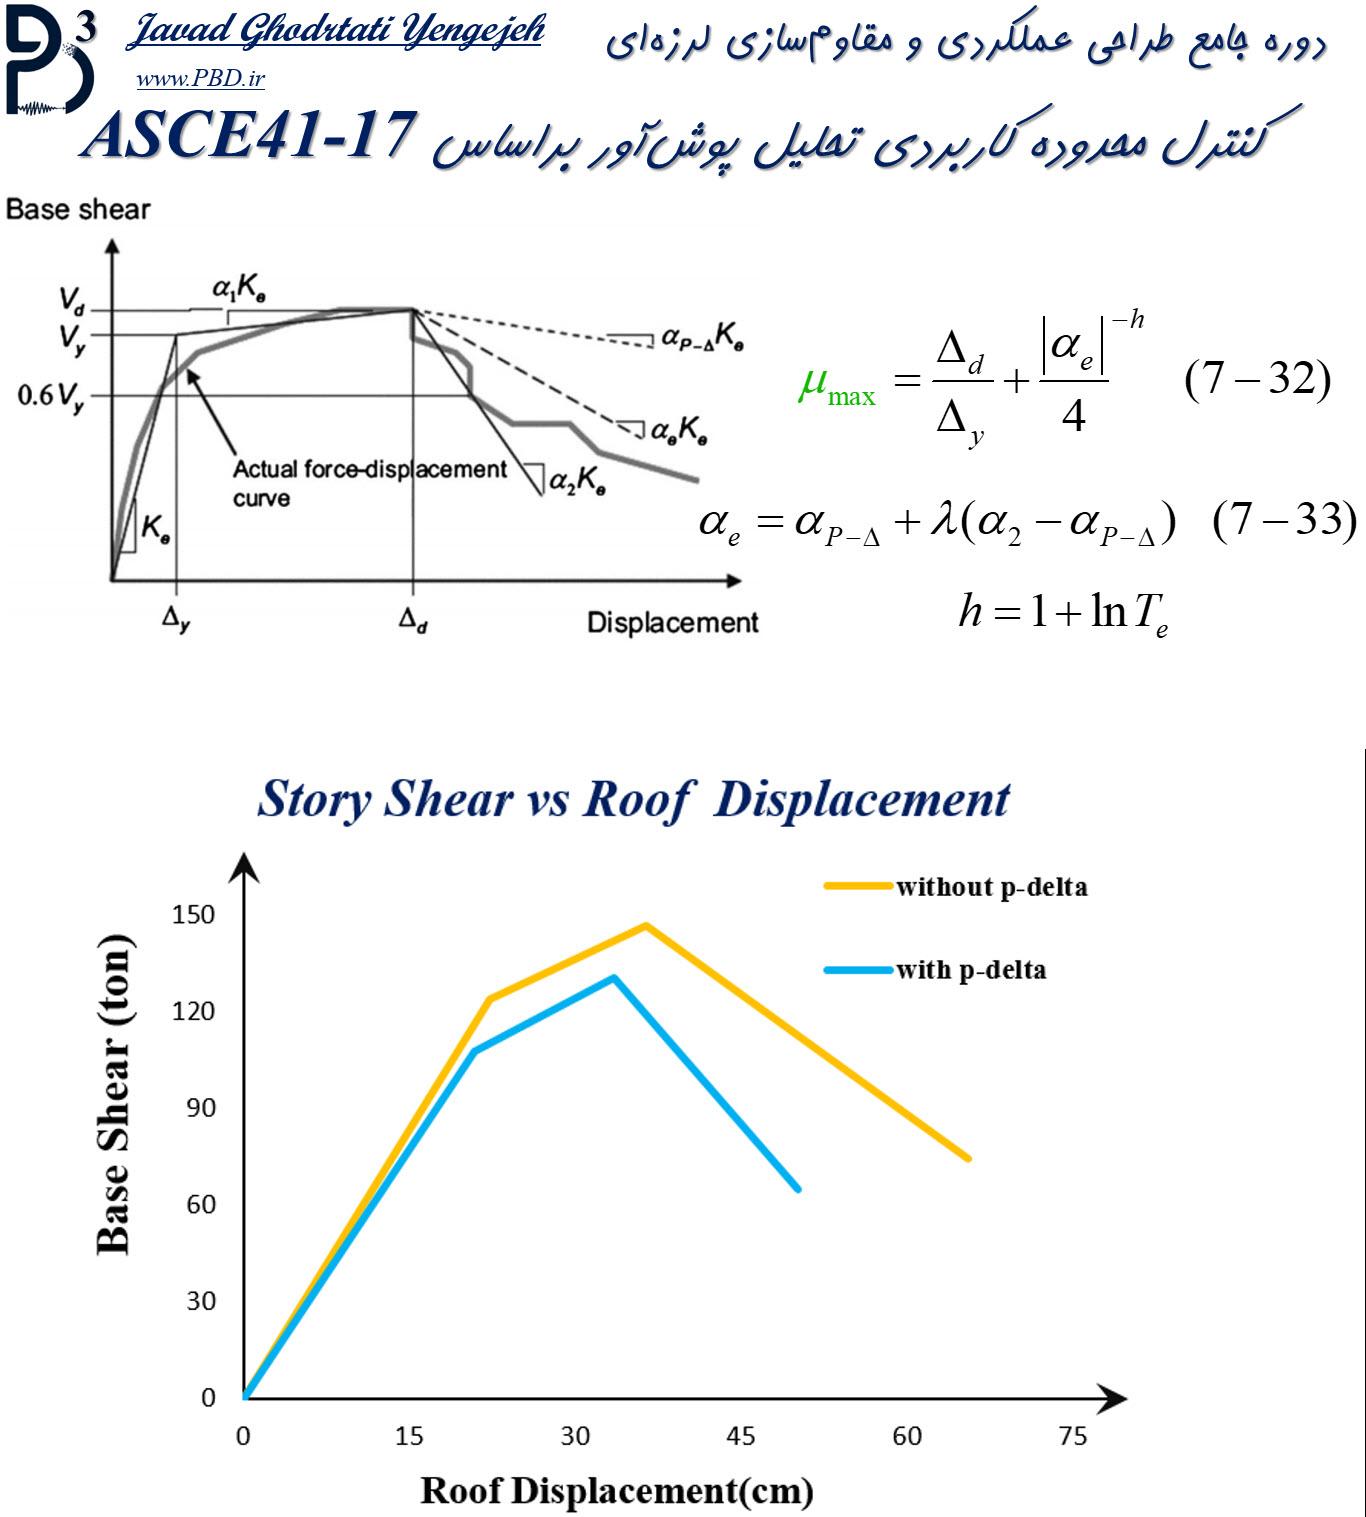 محاسبات دستی مجاز بودن تحلیل پوشآور براساس ASCE41-17